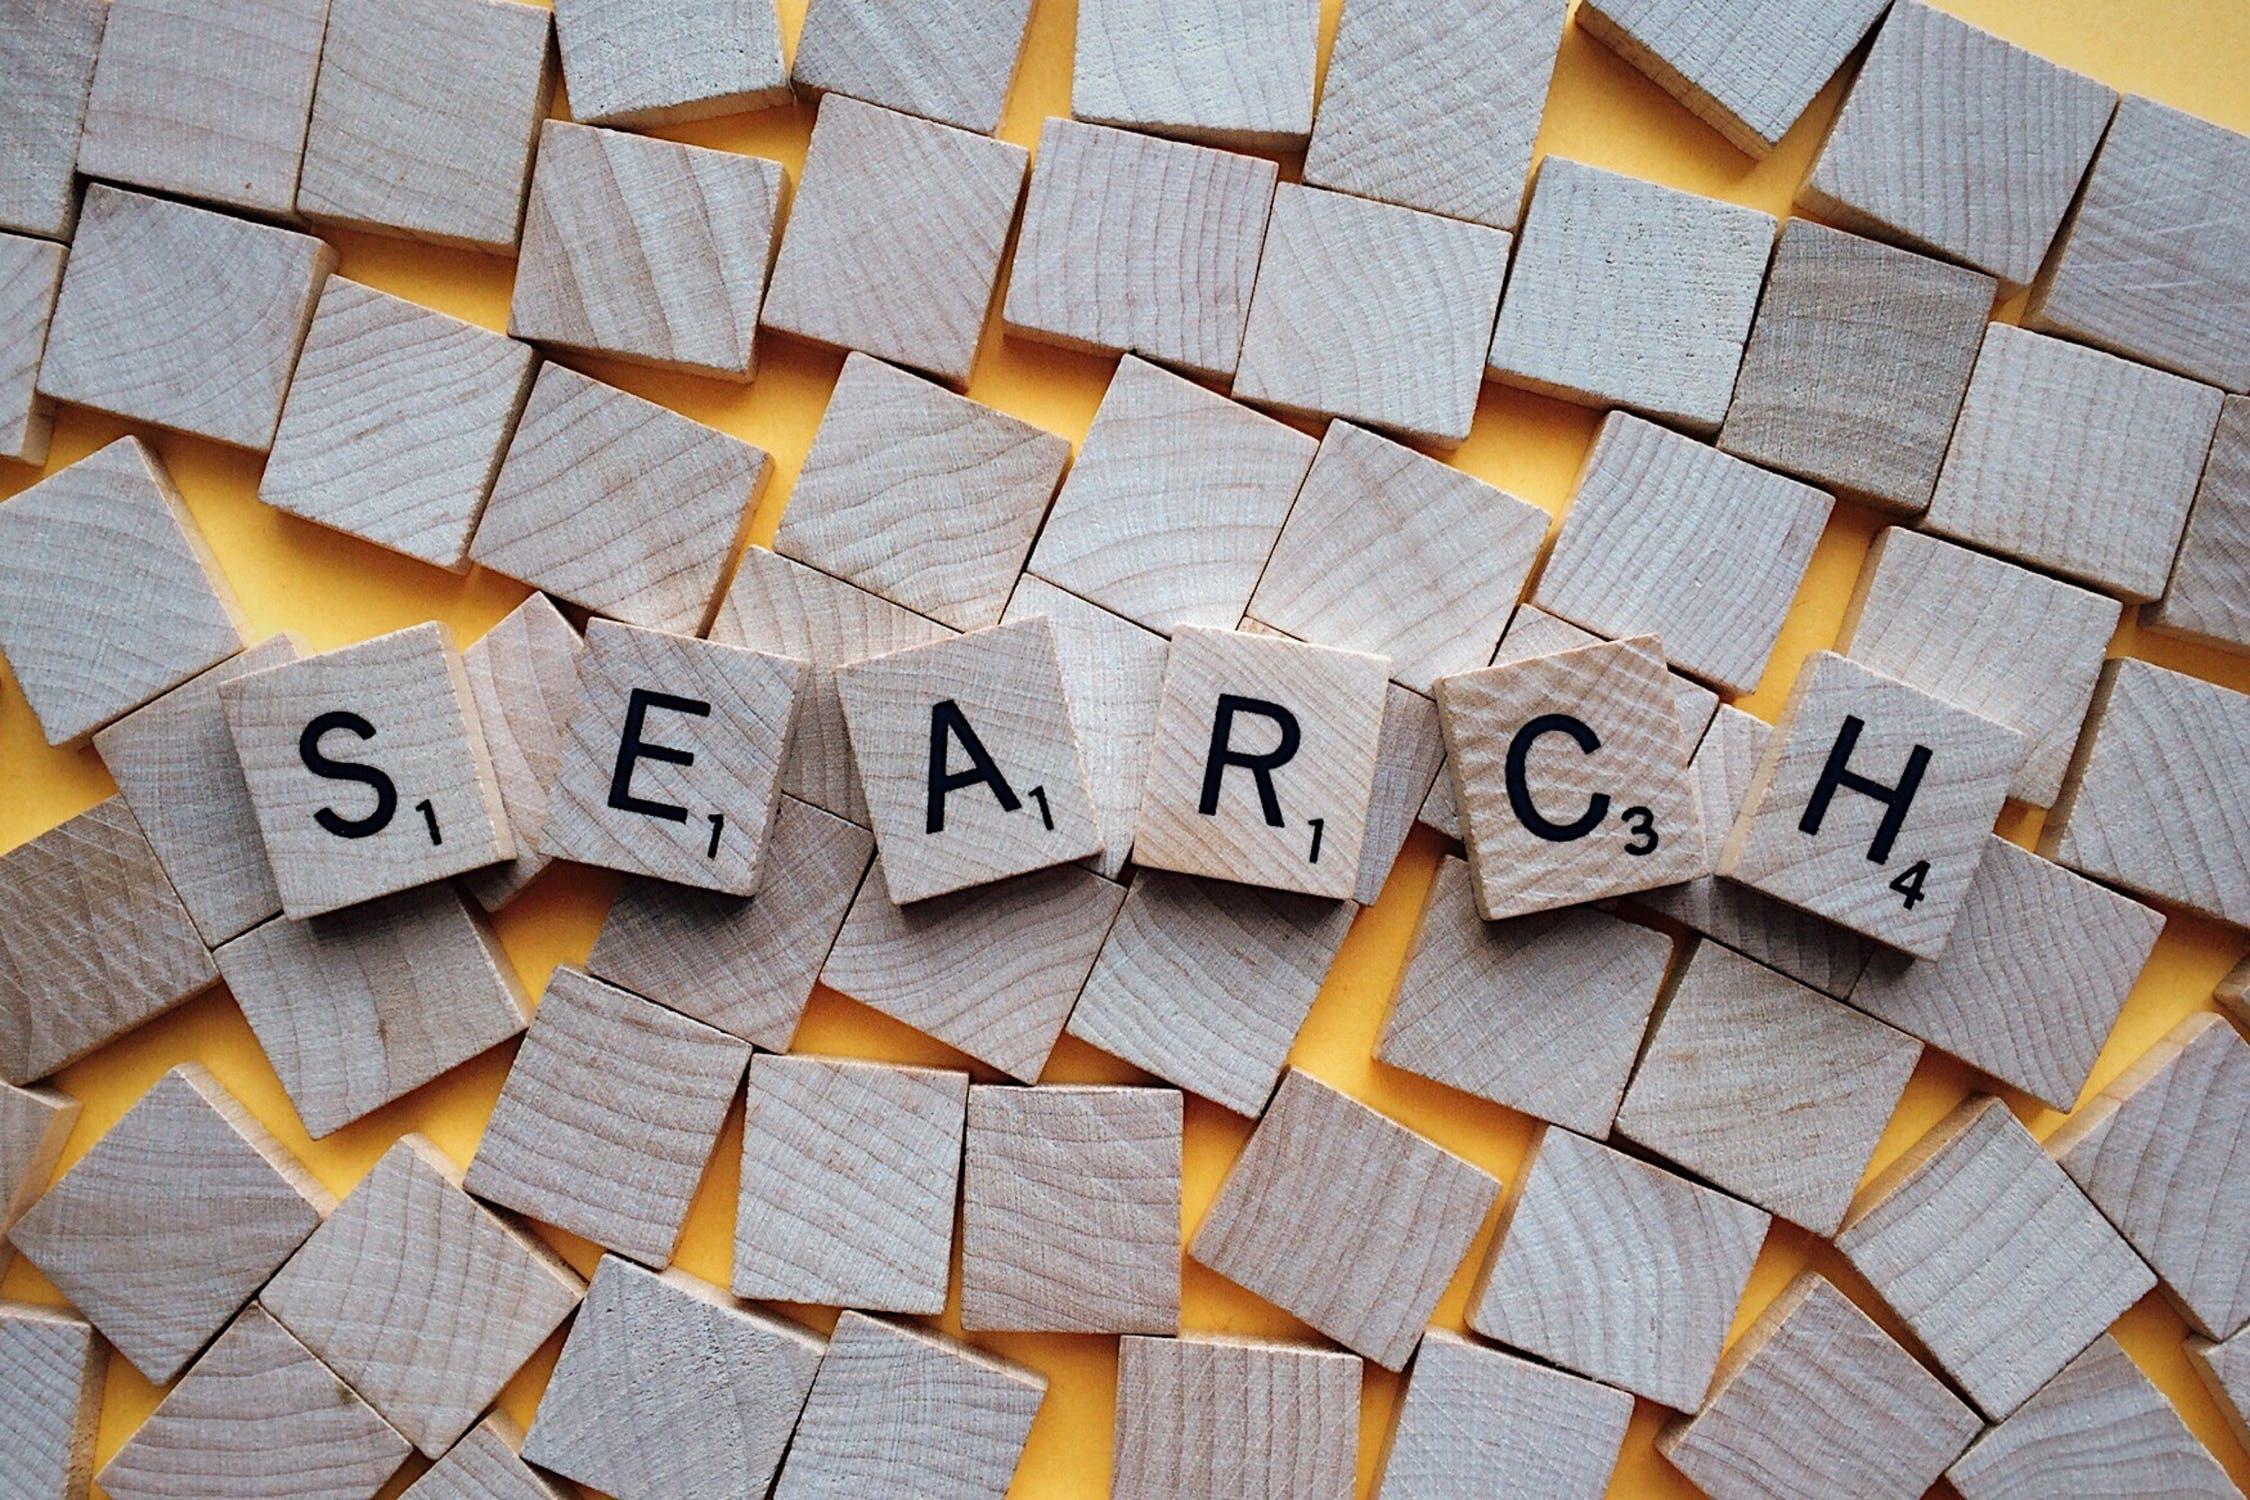 Wyszukiwarka semantyczna